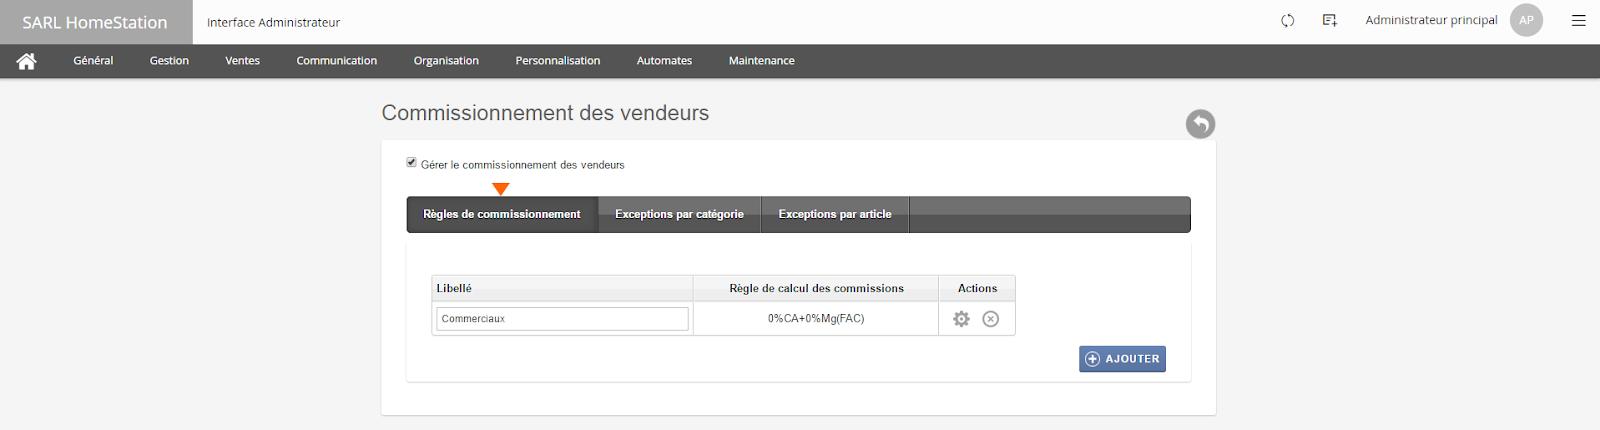 Interface_commissionnement_vendeur.png